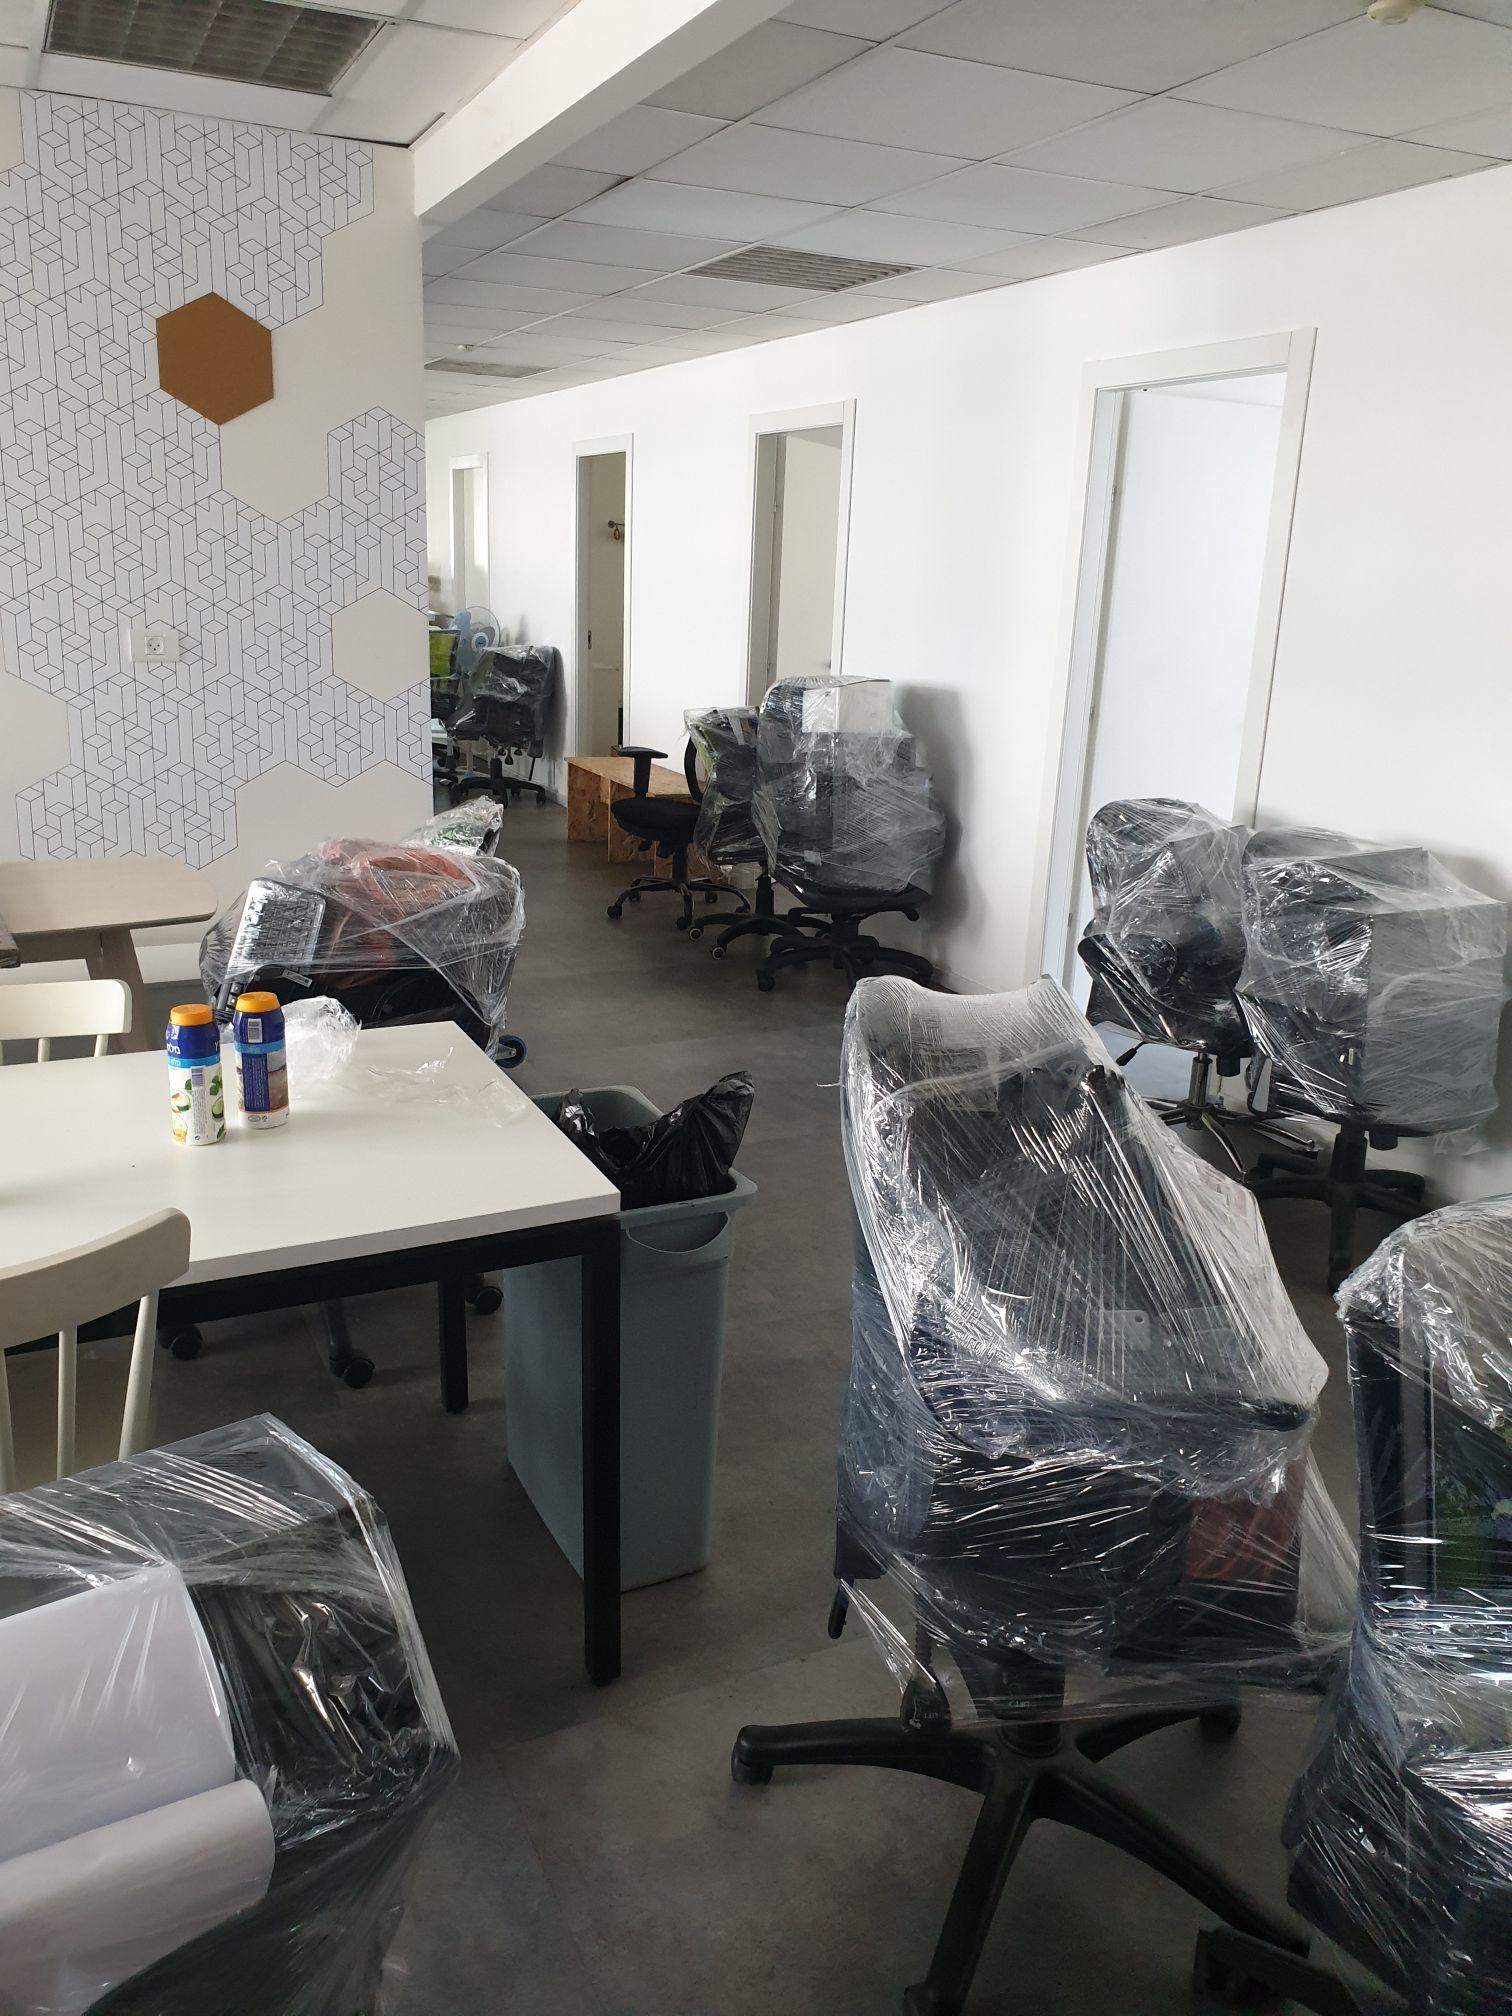 תמונה של מעבר משרד עם חברת באקו הובלות